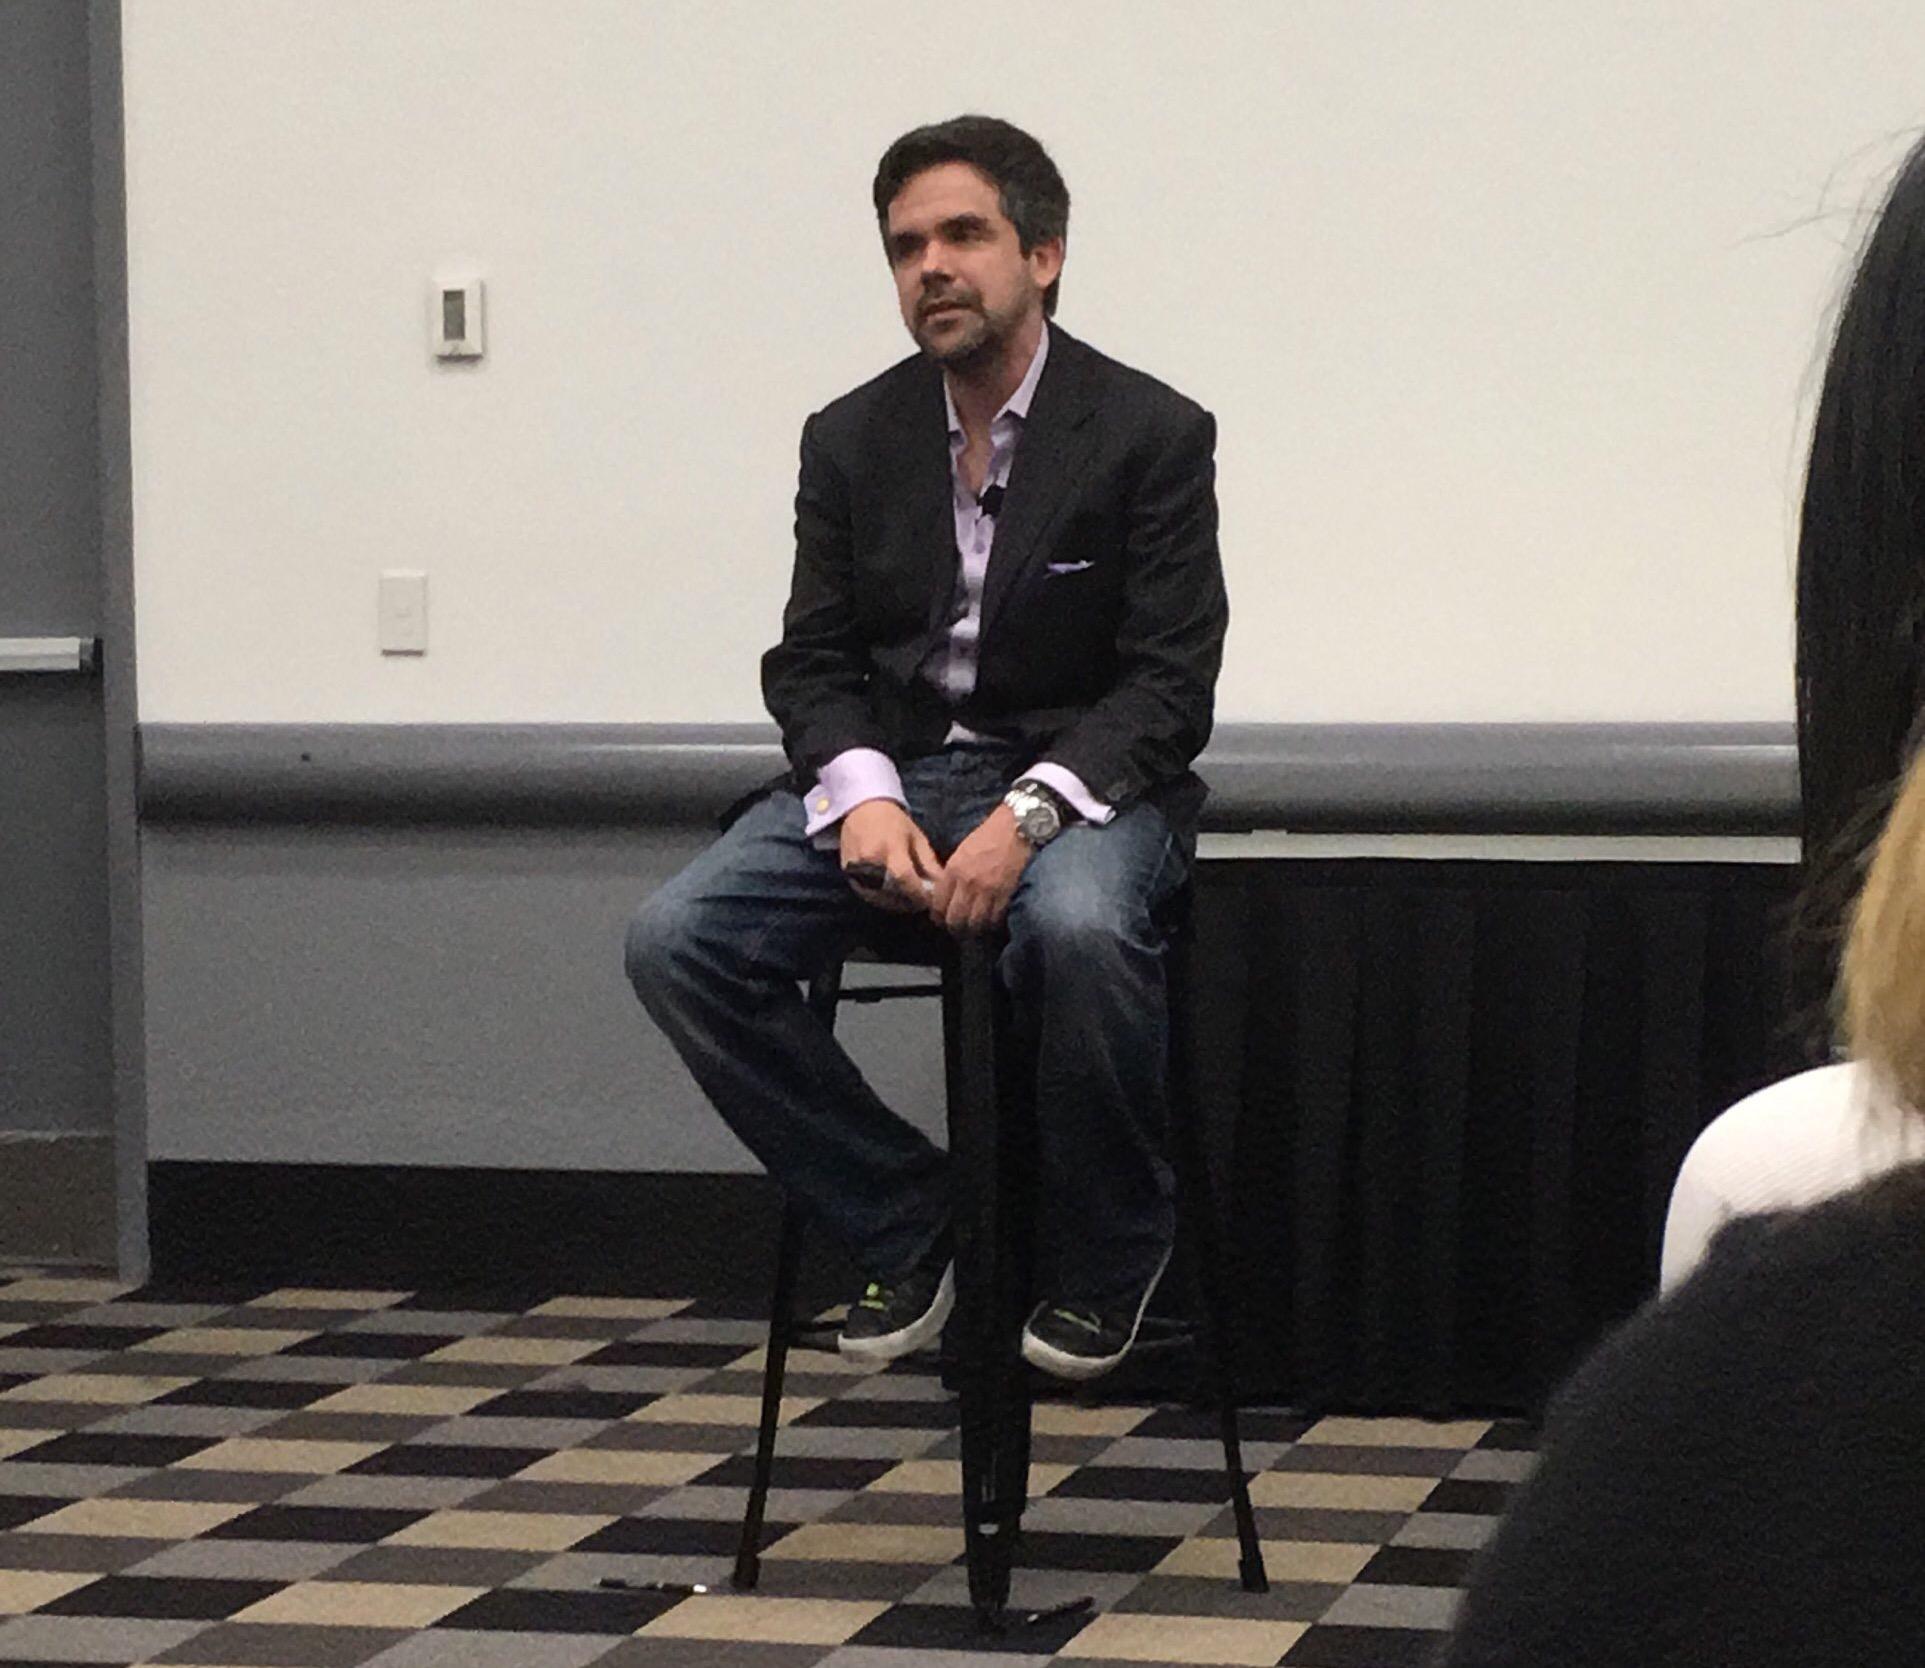 Internet marketing expert Matt Ford talks about advanced social media tips